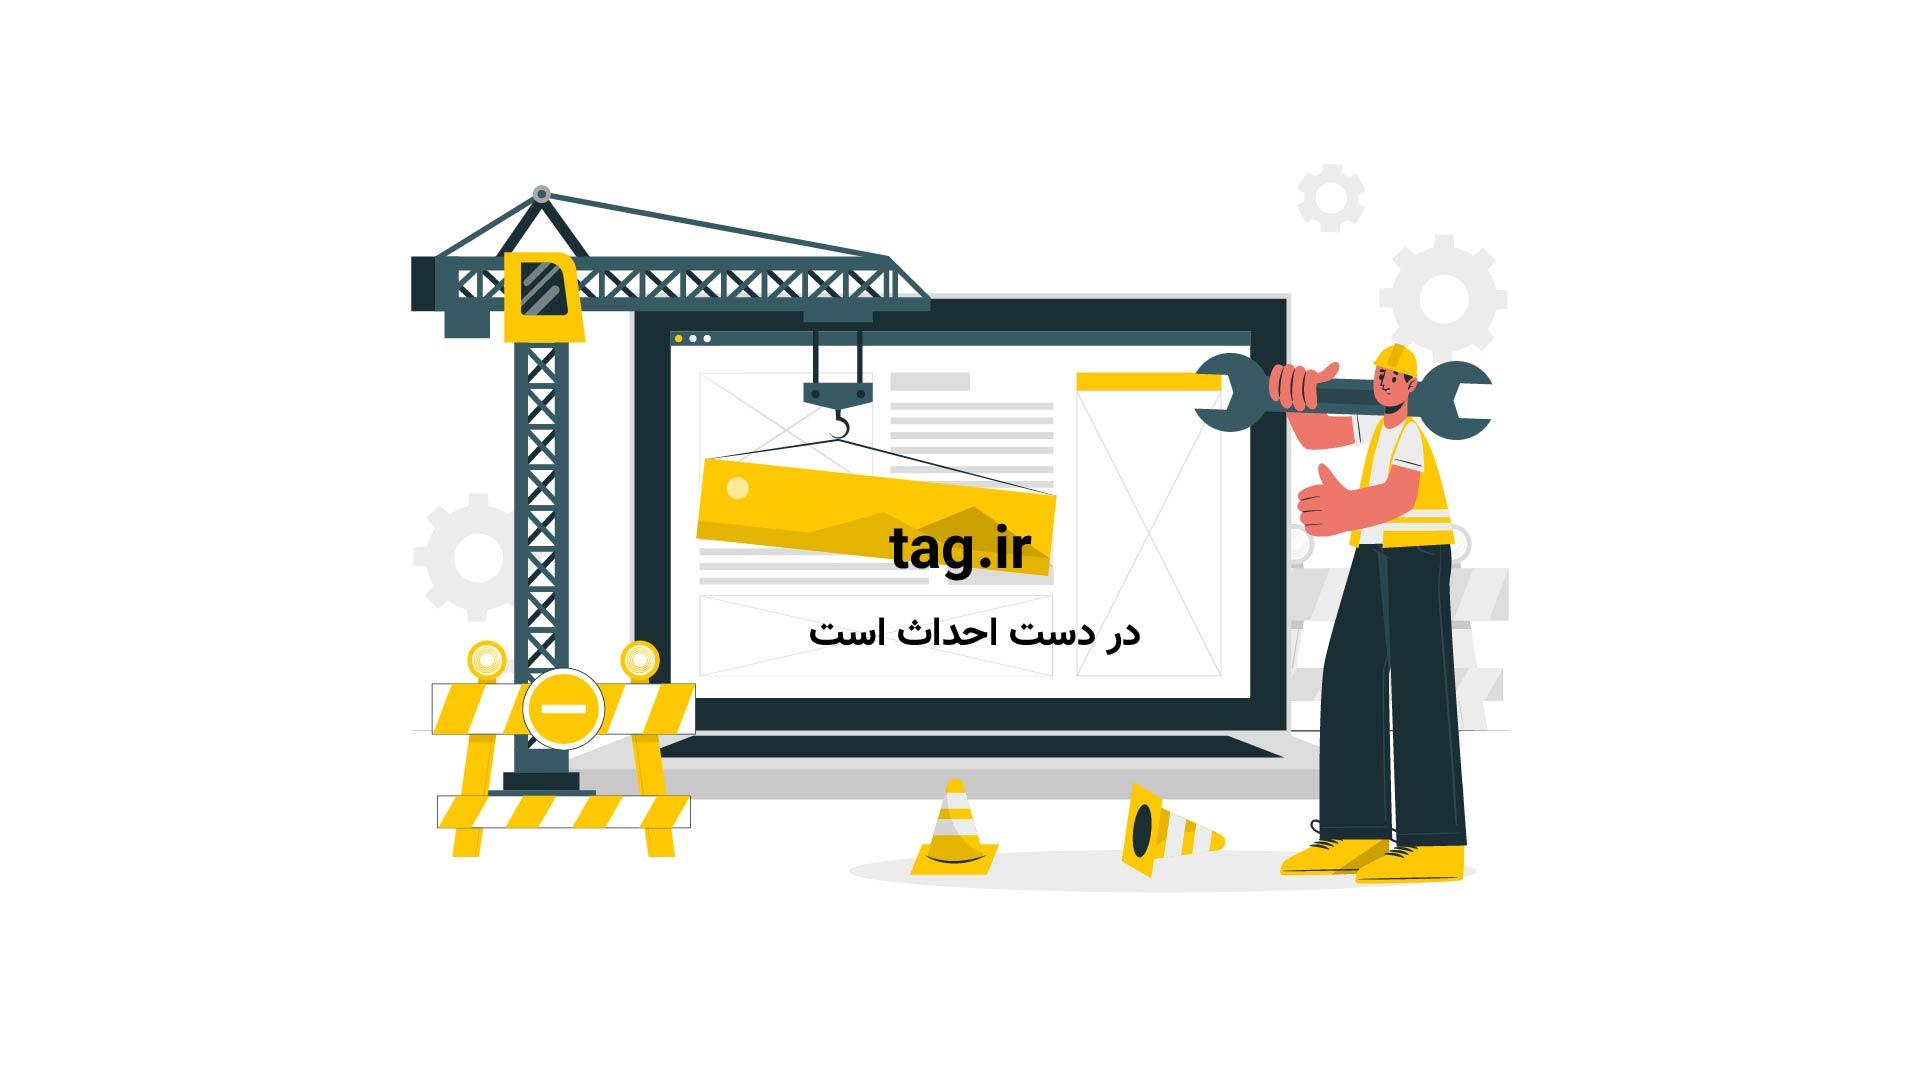 دانش آموز کرمانی با فداکاری معلمش را بخشید   فیلم